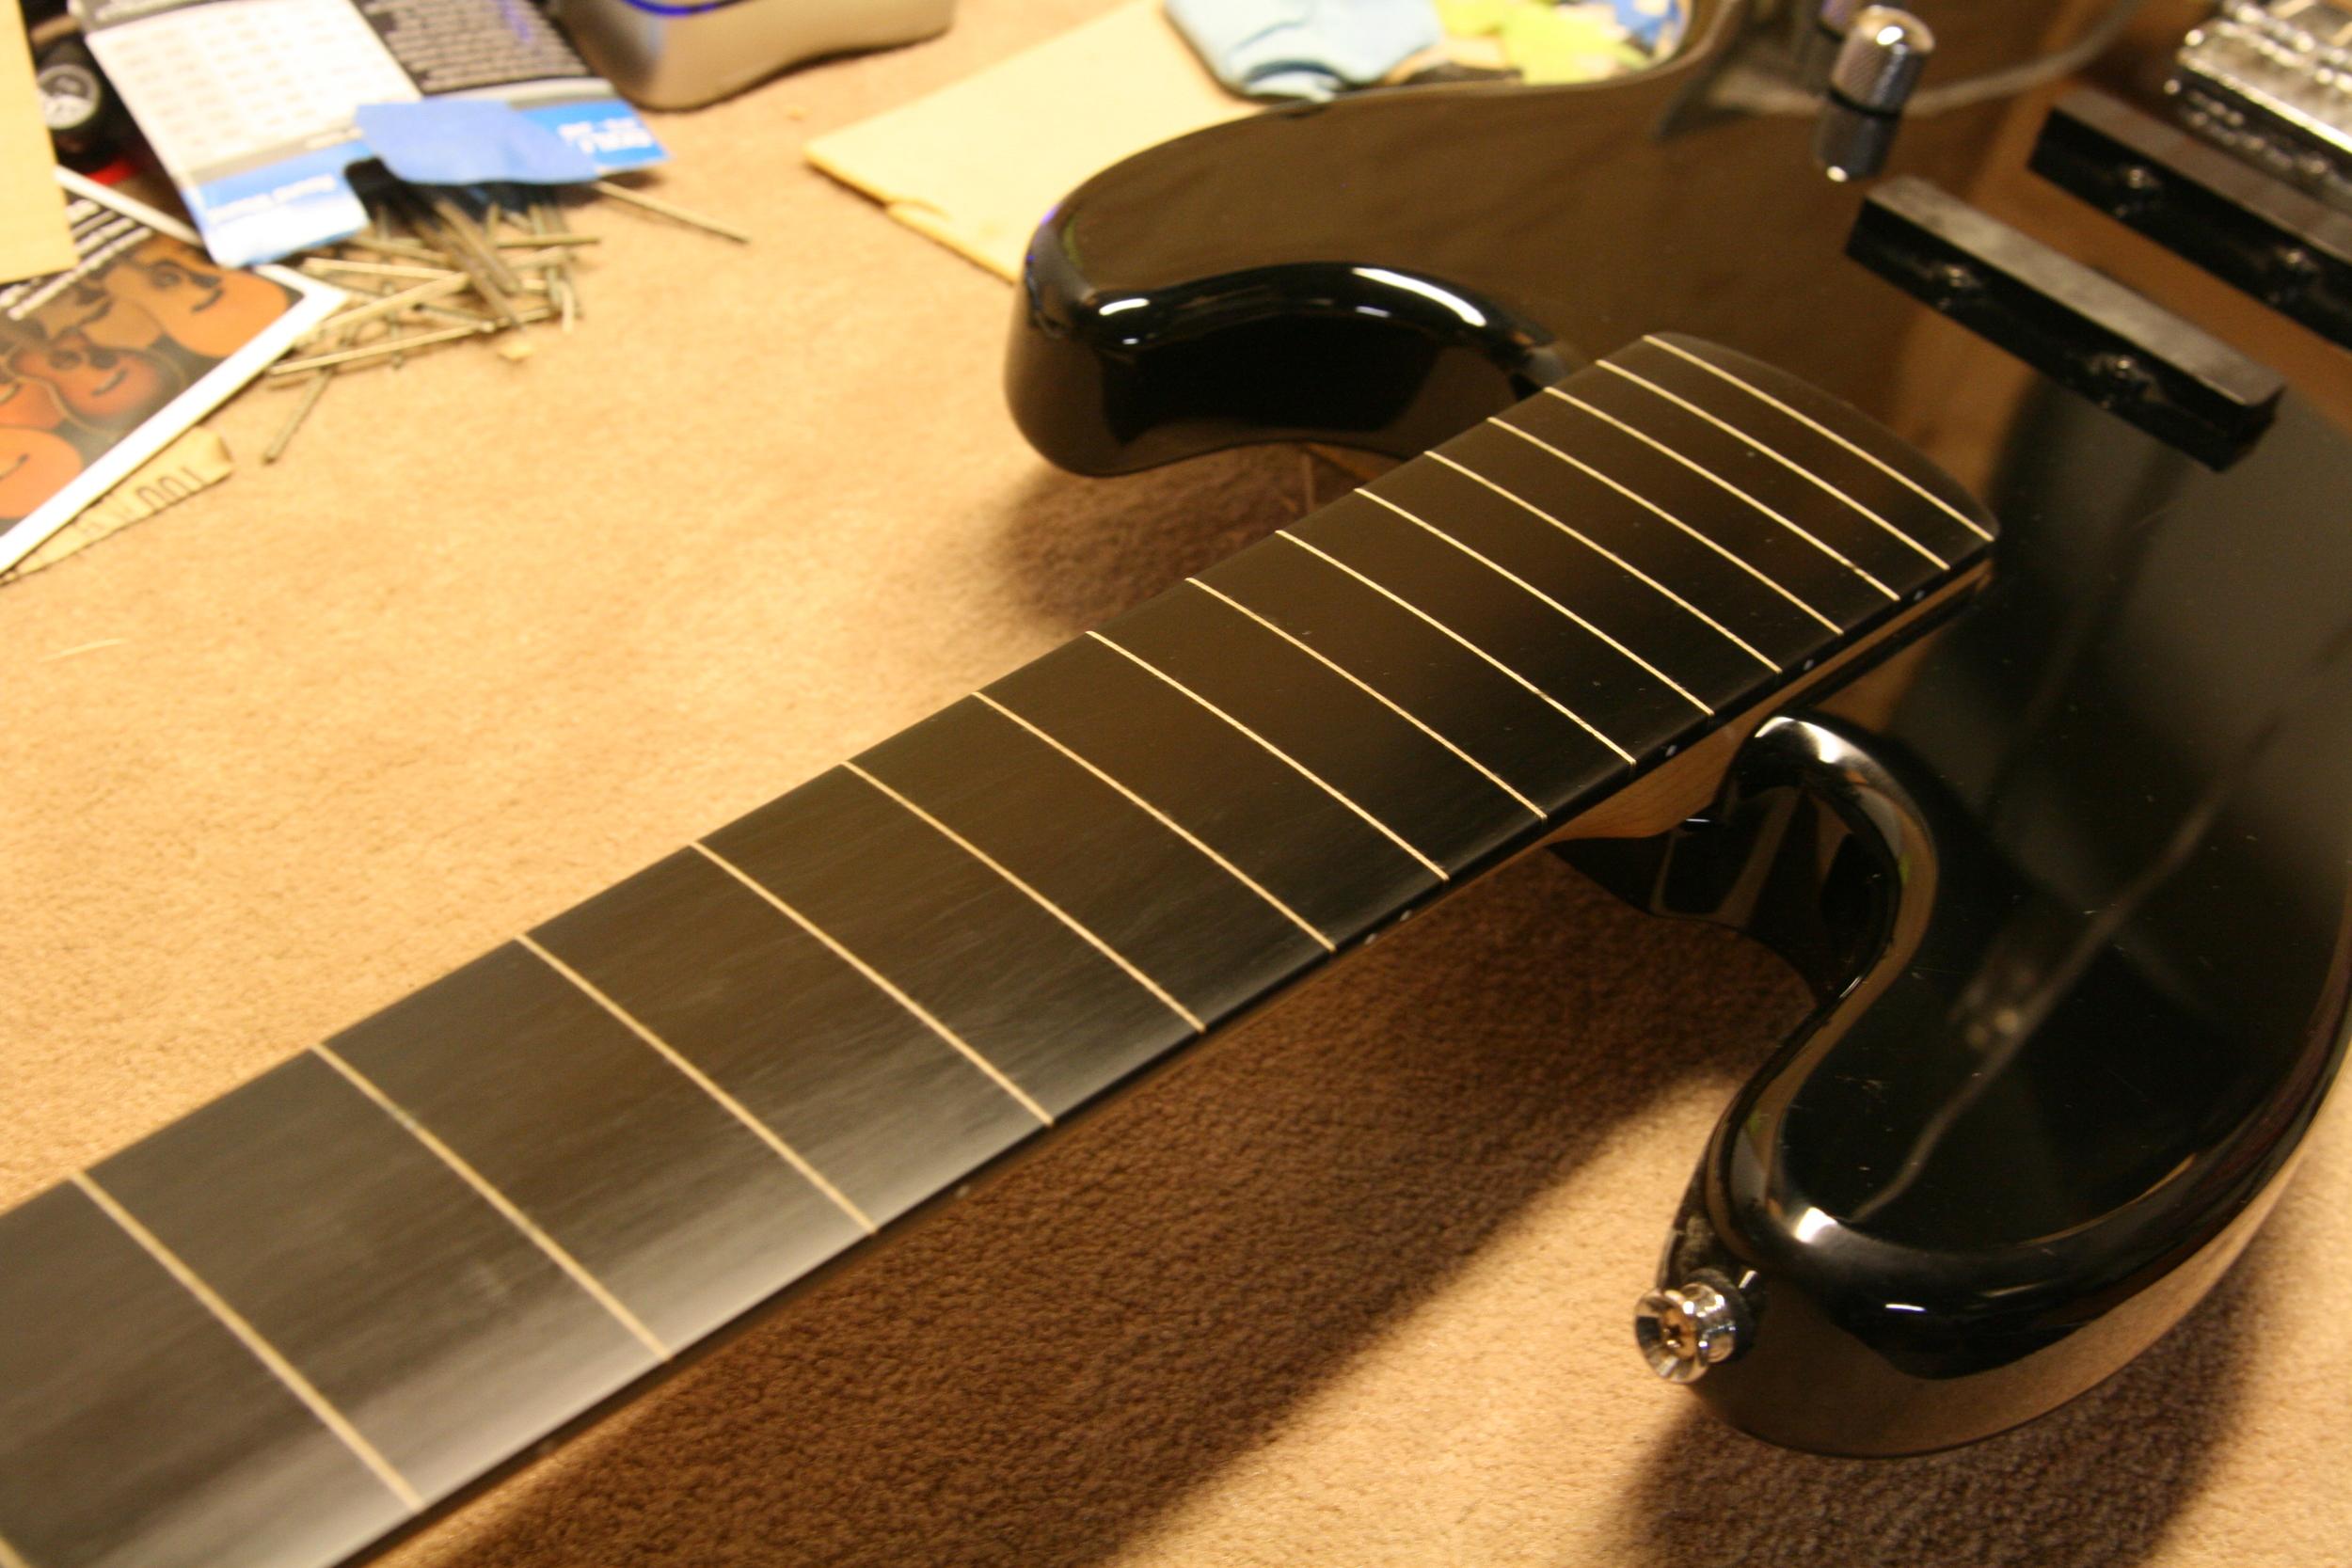 Fretless bass guitar conversion, guitar repair shop